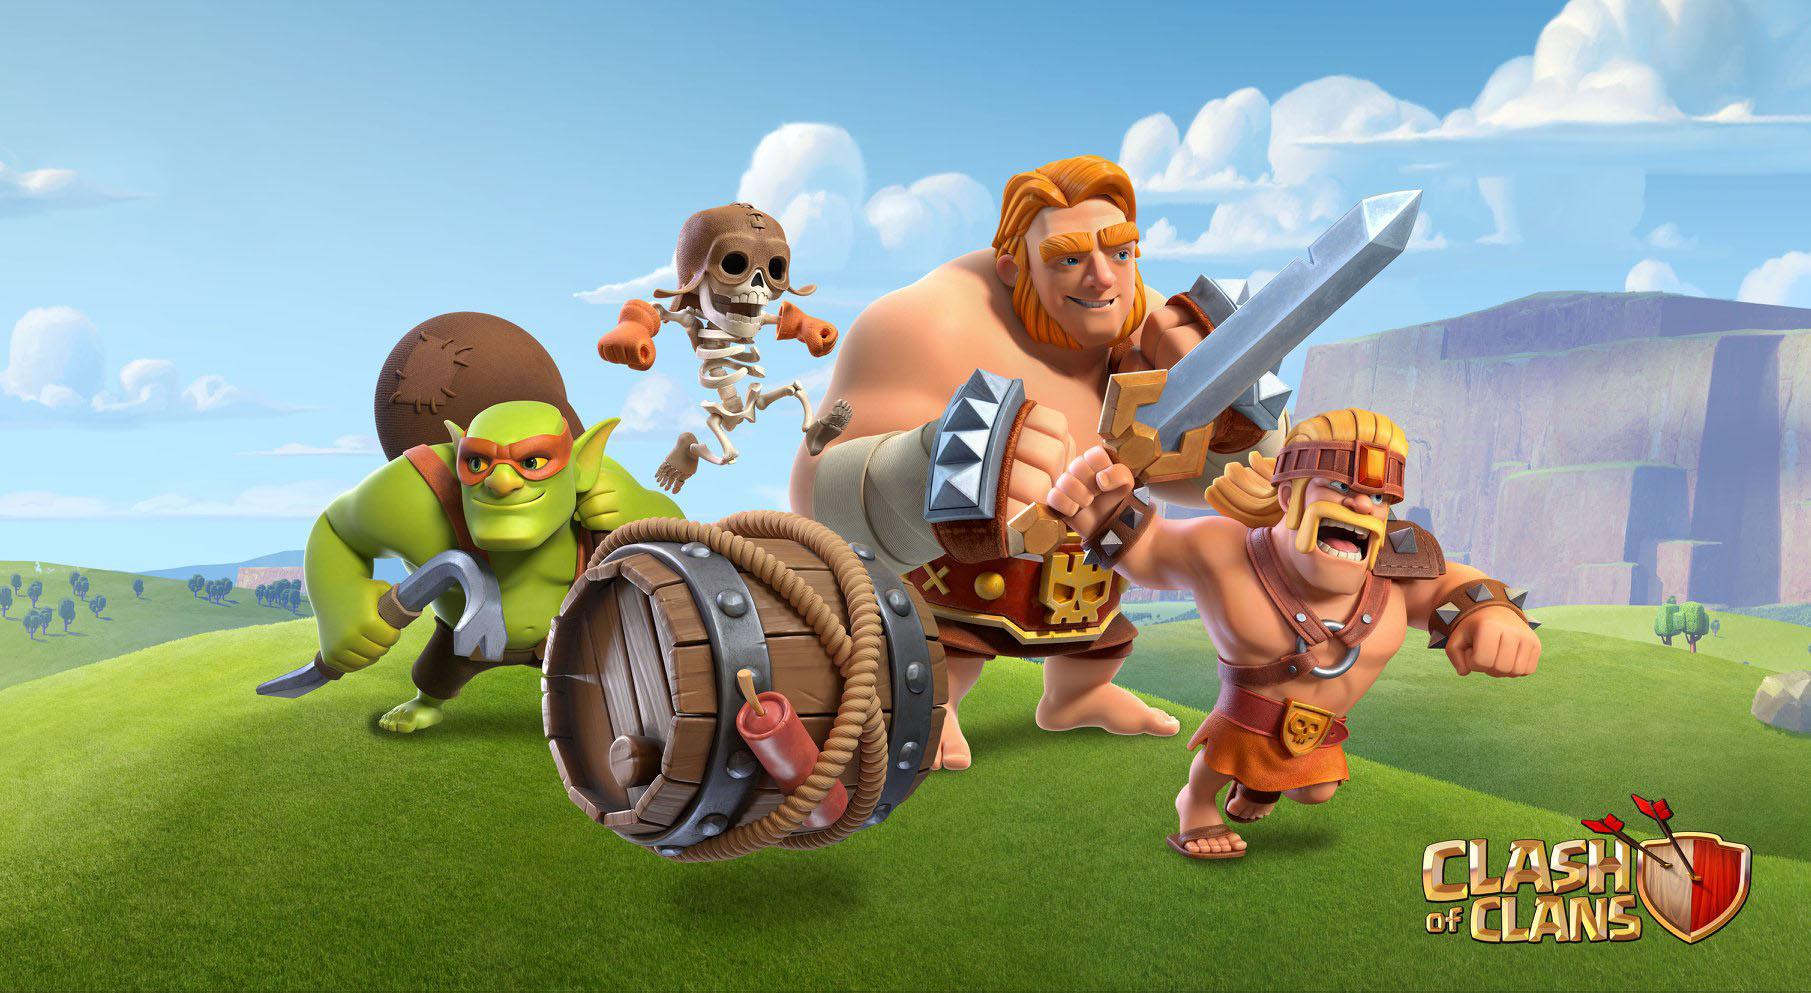 Hình ảnh Clash of clans anh hùng